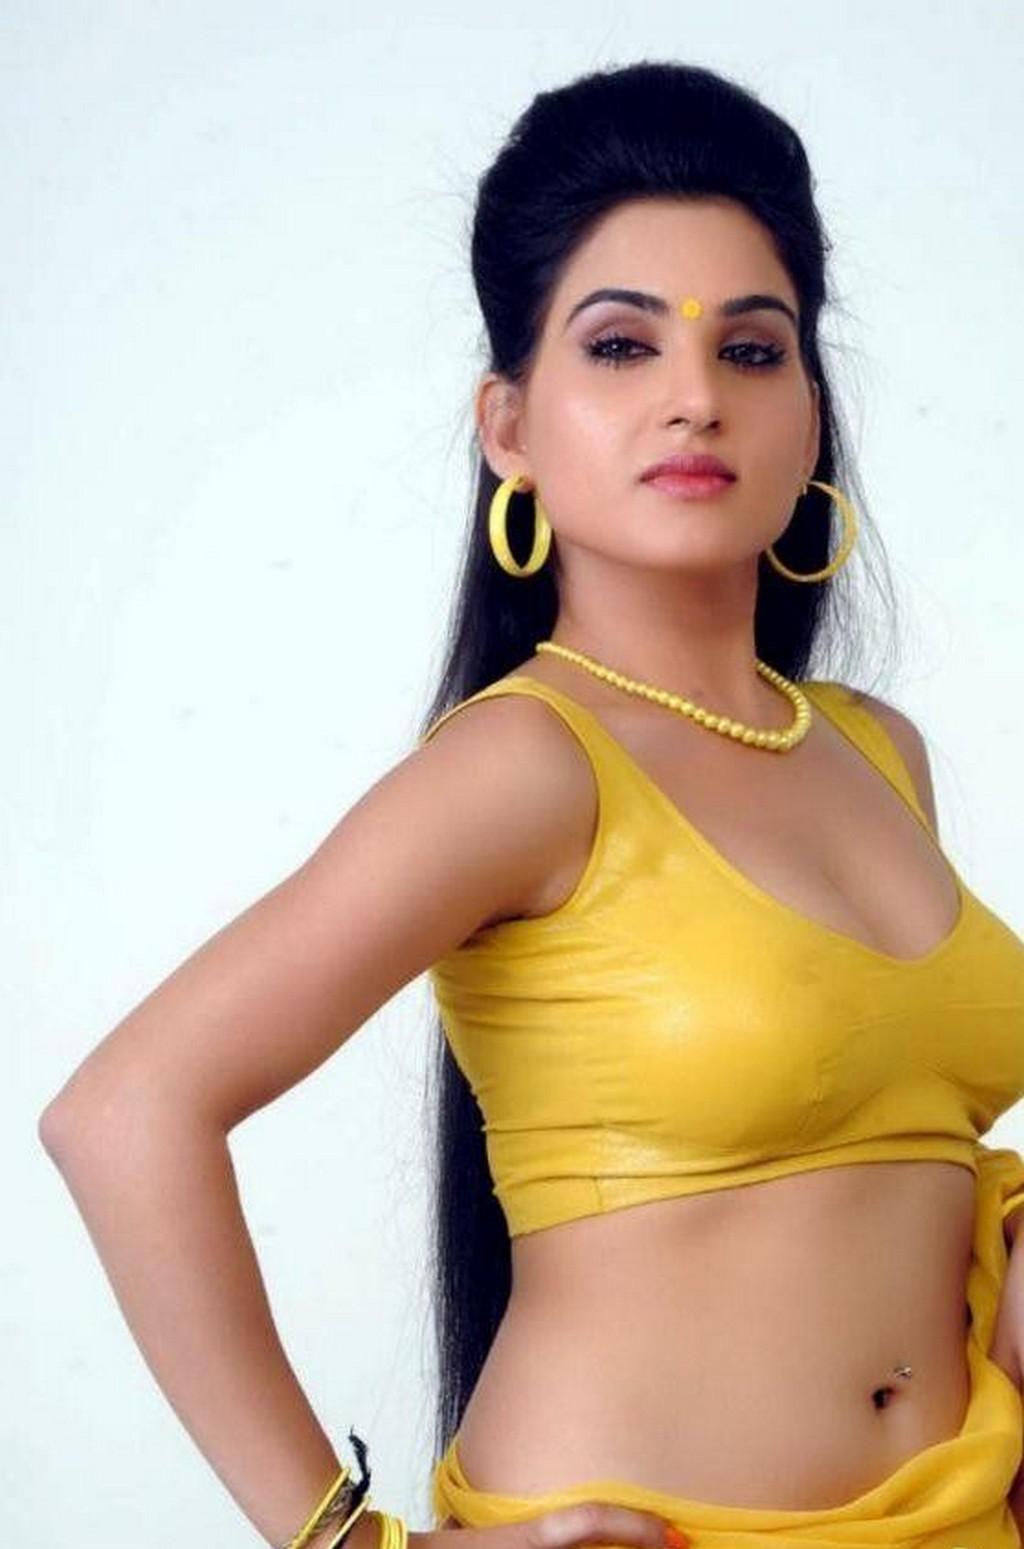 Hot serial actress nude